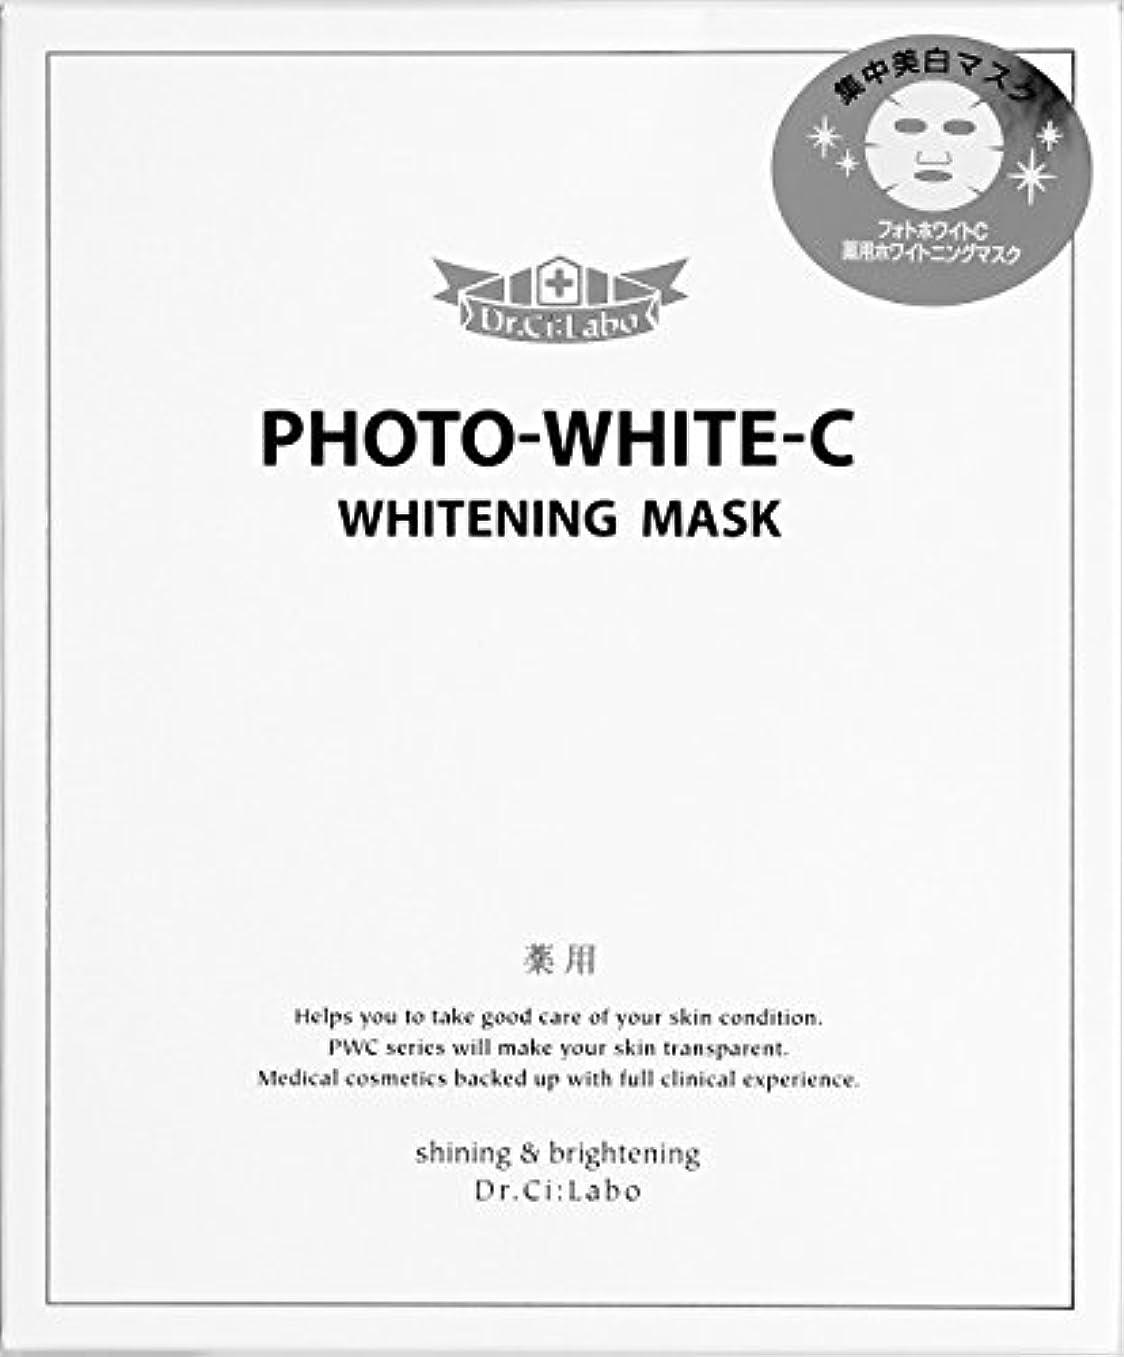 可能アフリカ人暖かさドクターシーラボ フォトホワイトC 薬用ホワイトニングマスク (1箱:5枚入り) フェイスパック [医薬部外品]